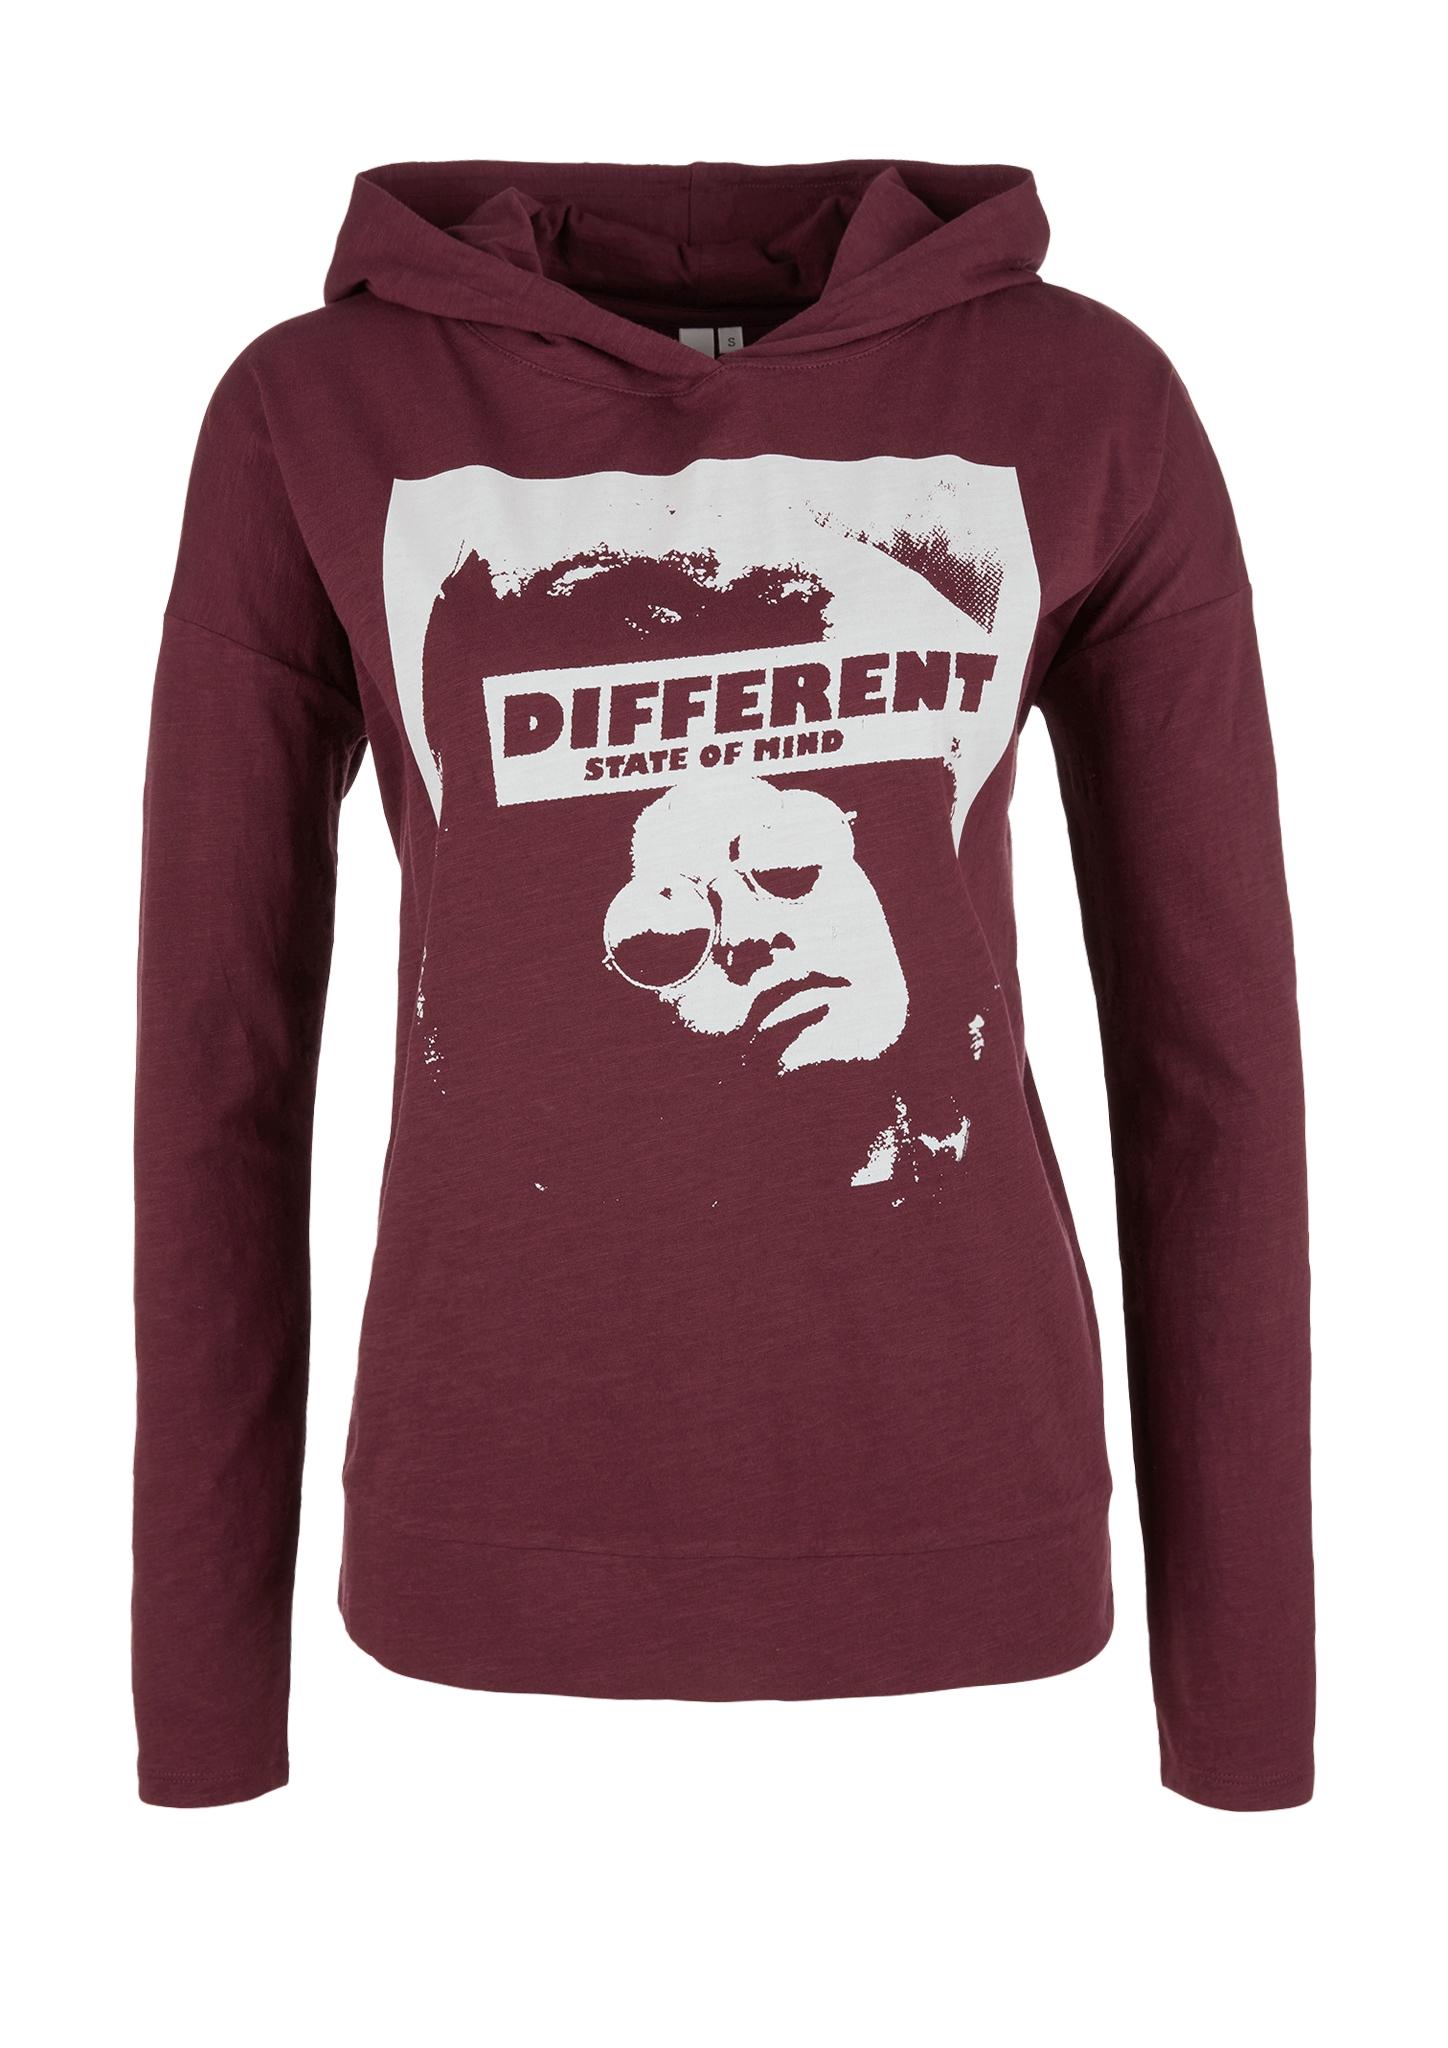 Kapuzenshirt | Bekleidung > Shirts > Kapuzenshirts | Pink | 100% baumwolle | Q/S designed by